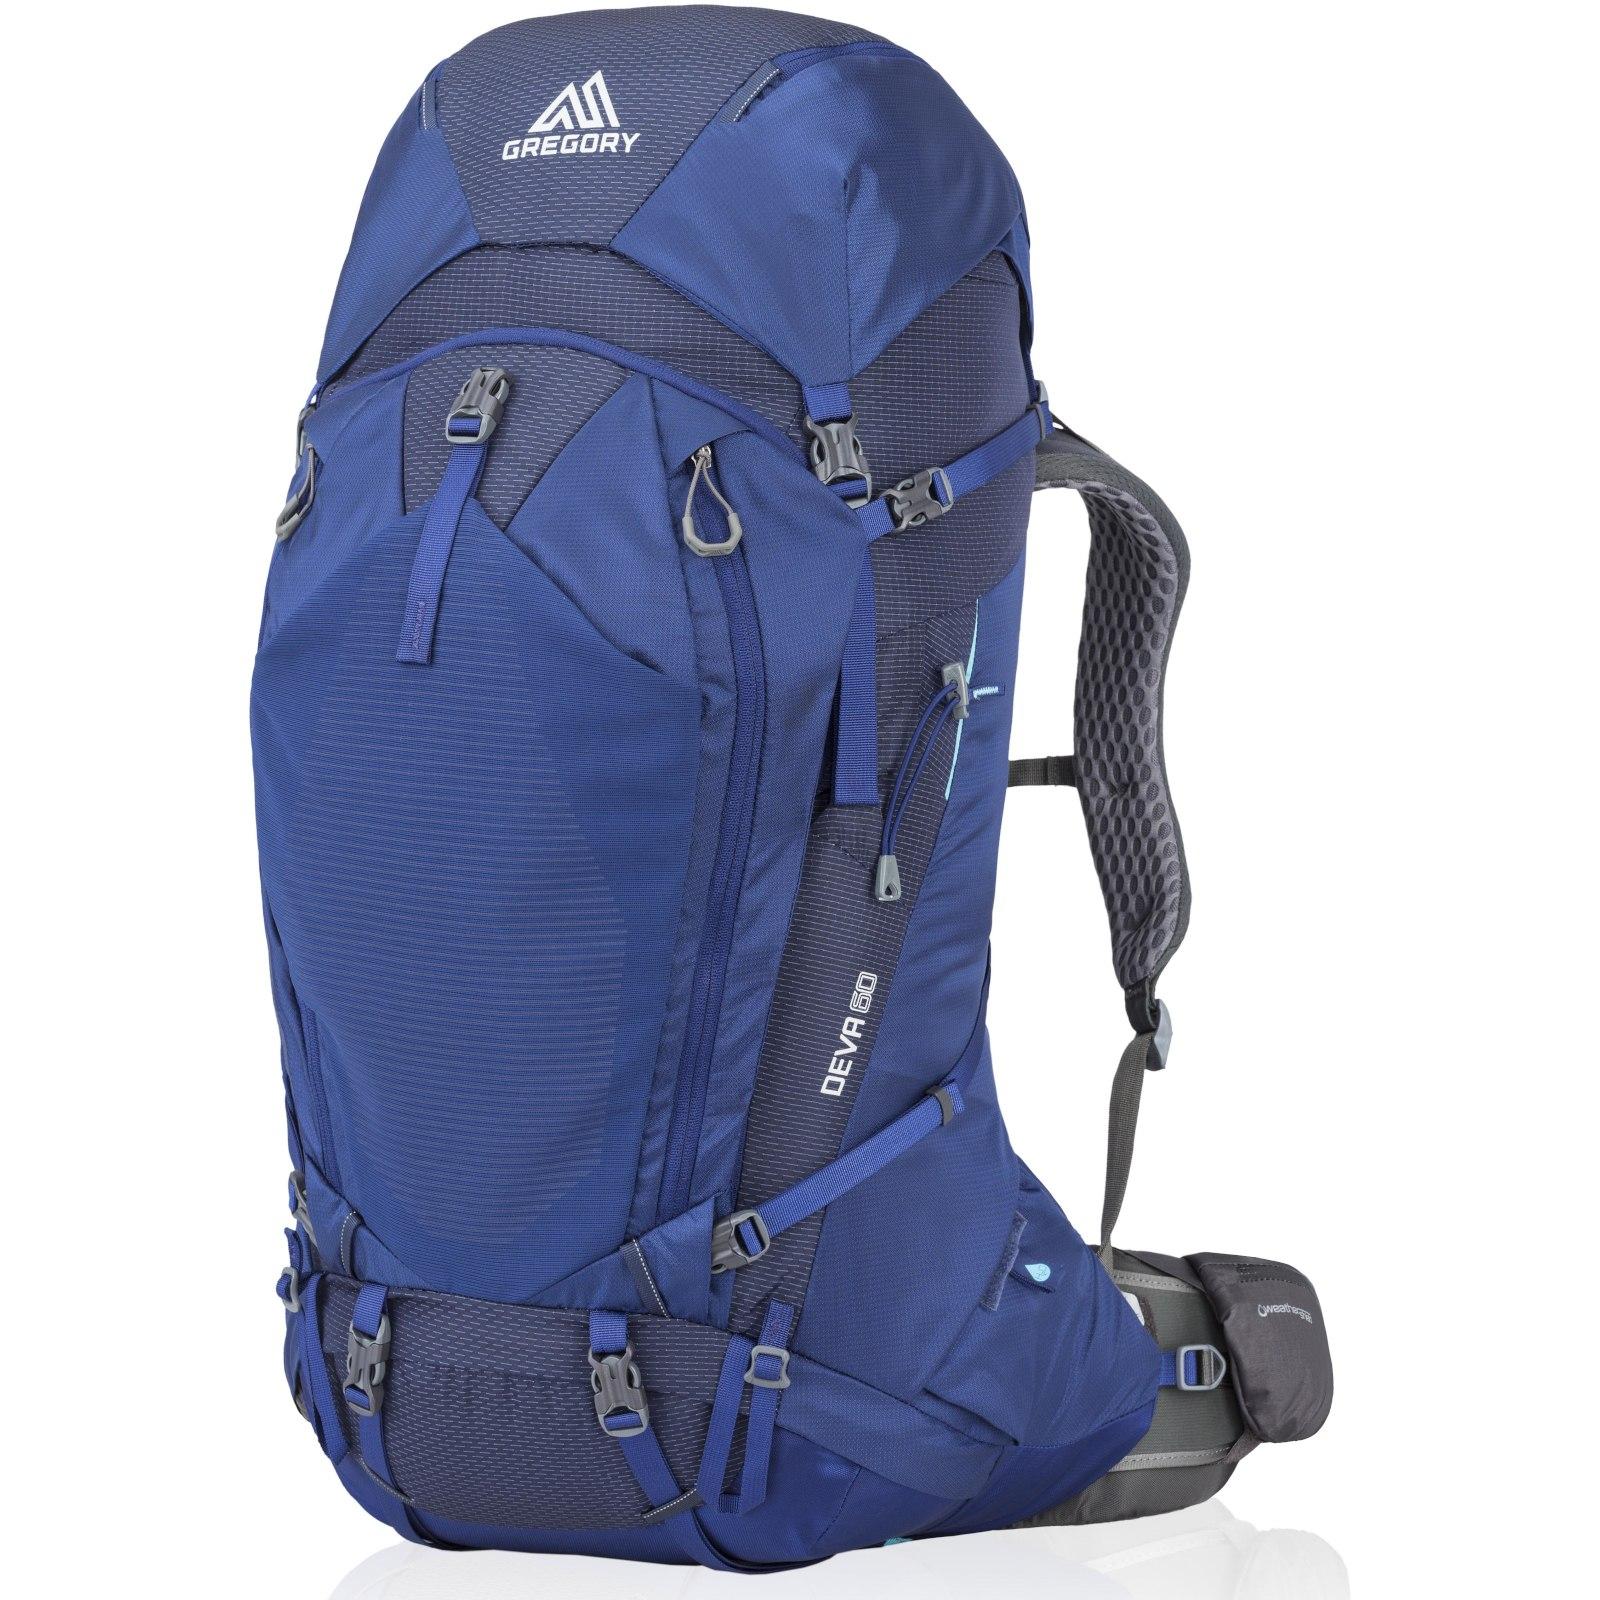 Gregory Deva 60 Women's Backpack - Nocturne Blue